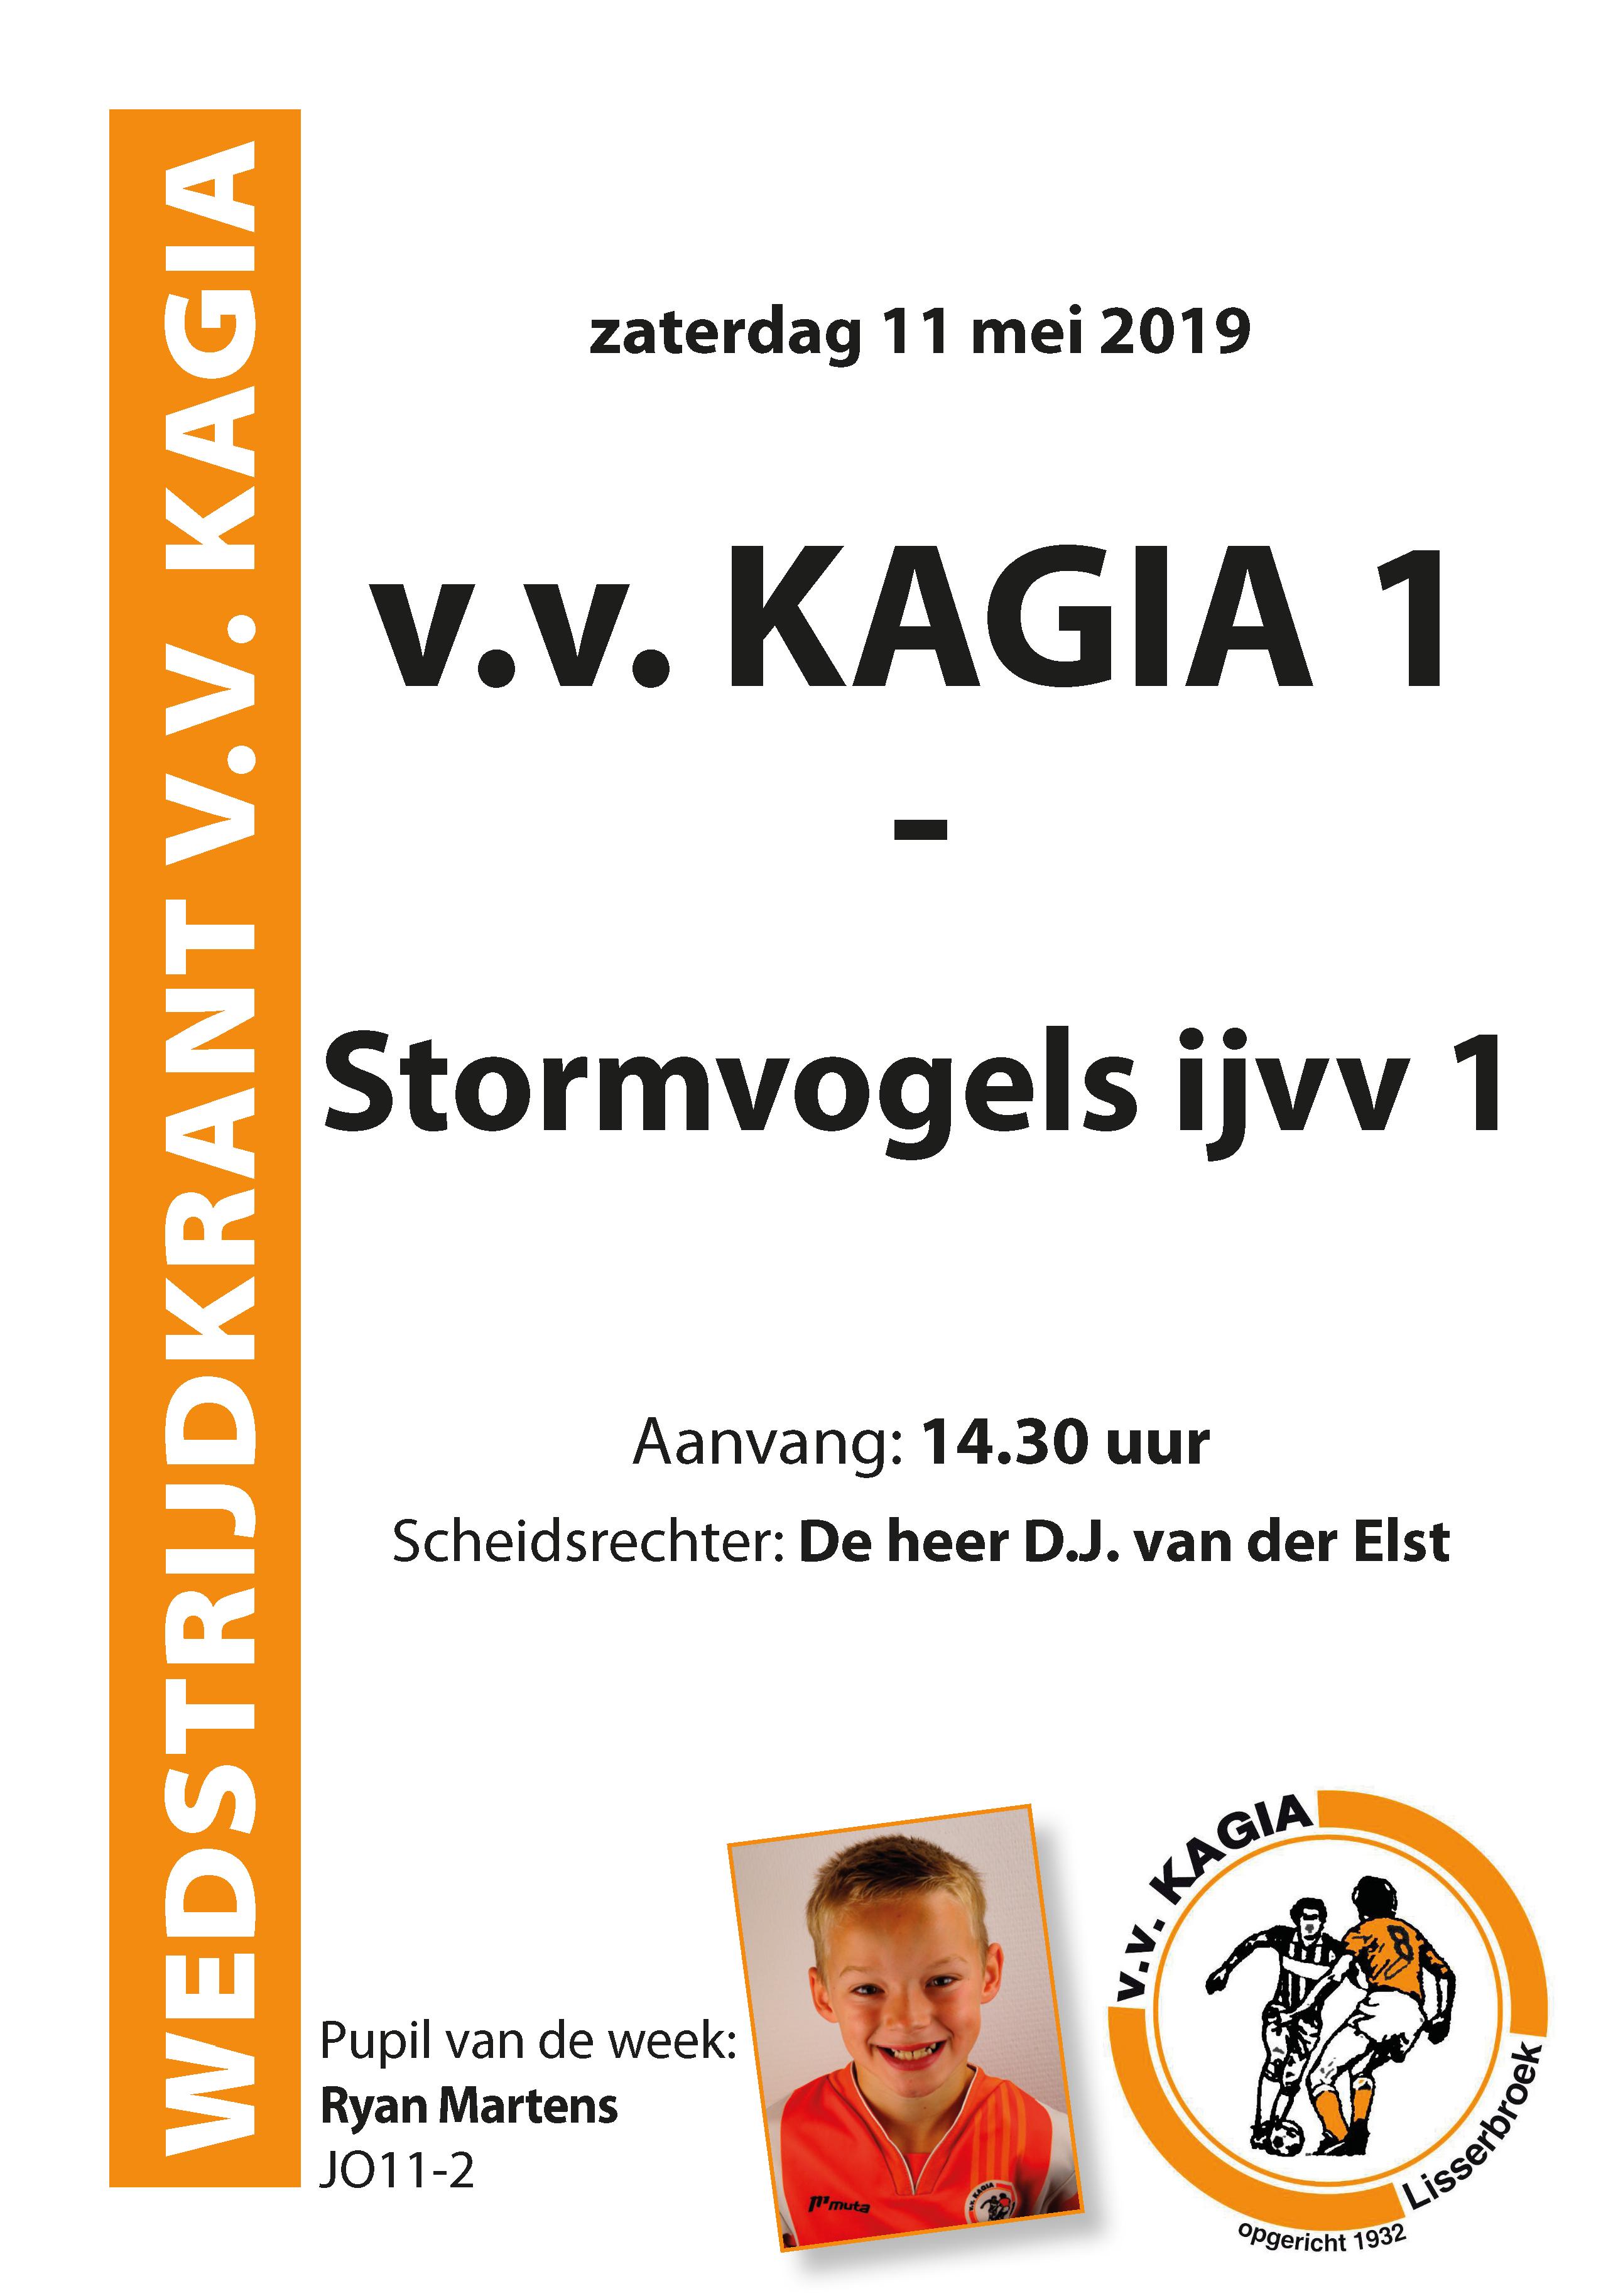 Wedstrijdkrantje | v.v. Kagia 1 – Stormvogels ijvv 1